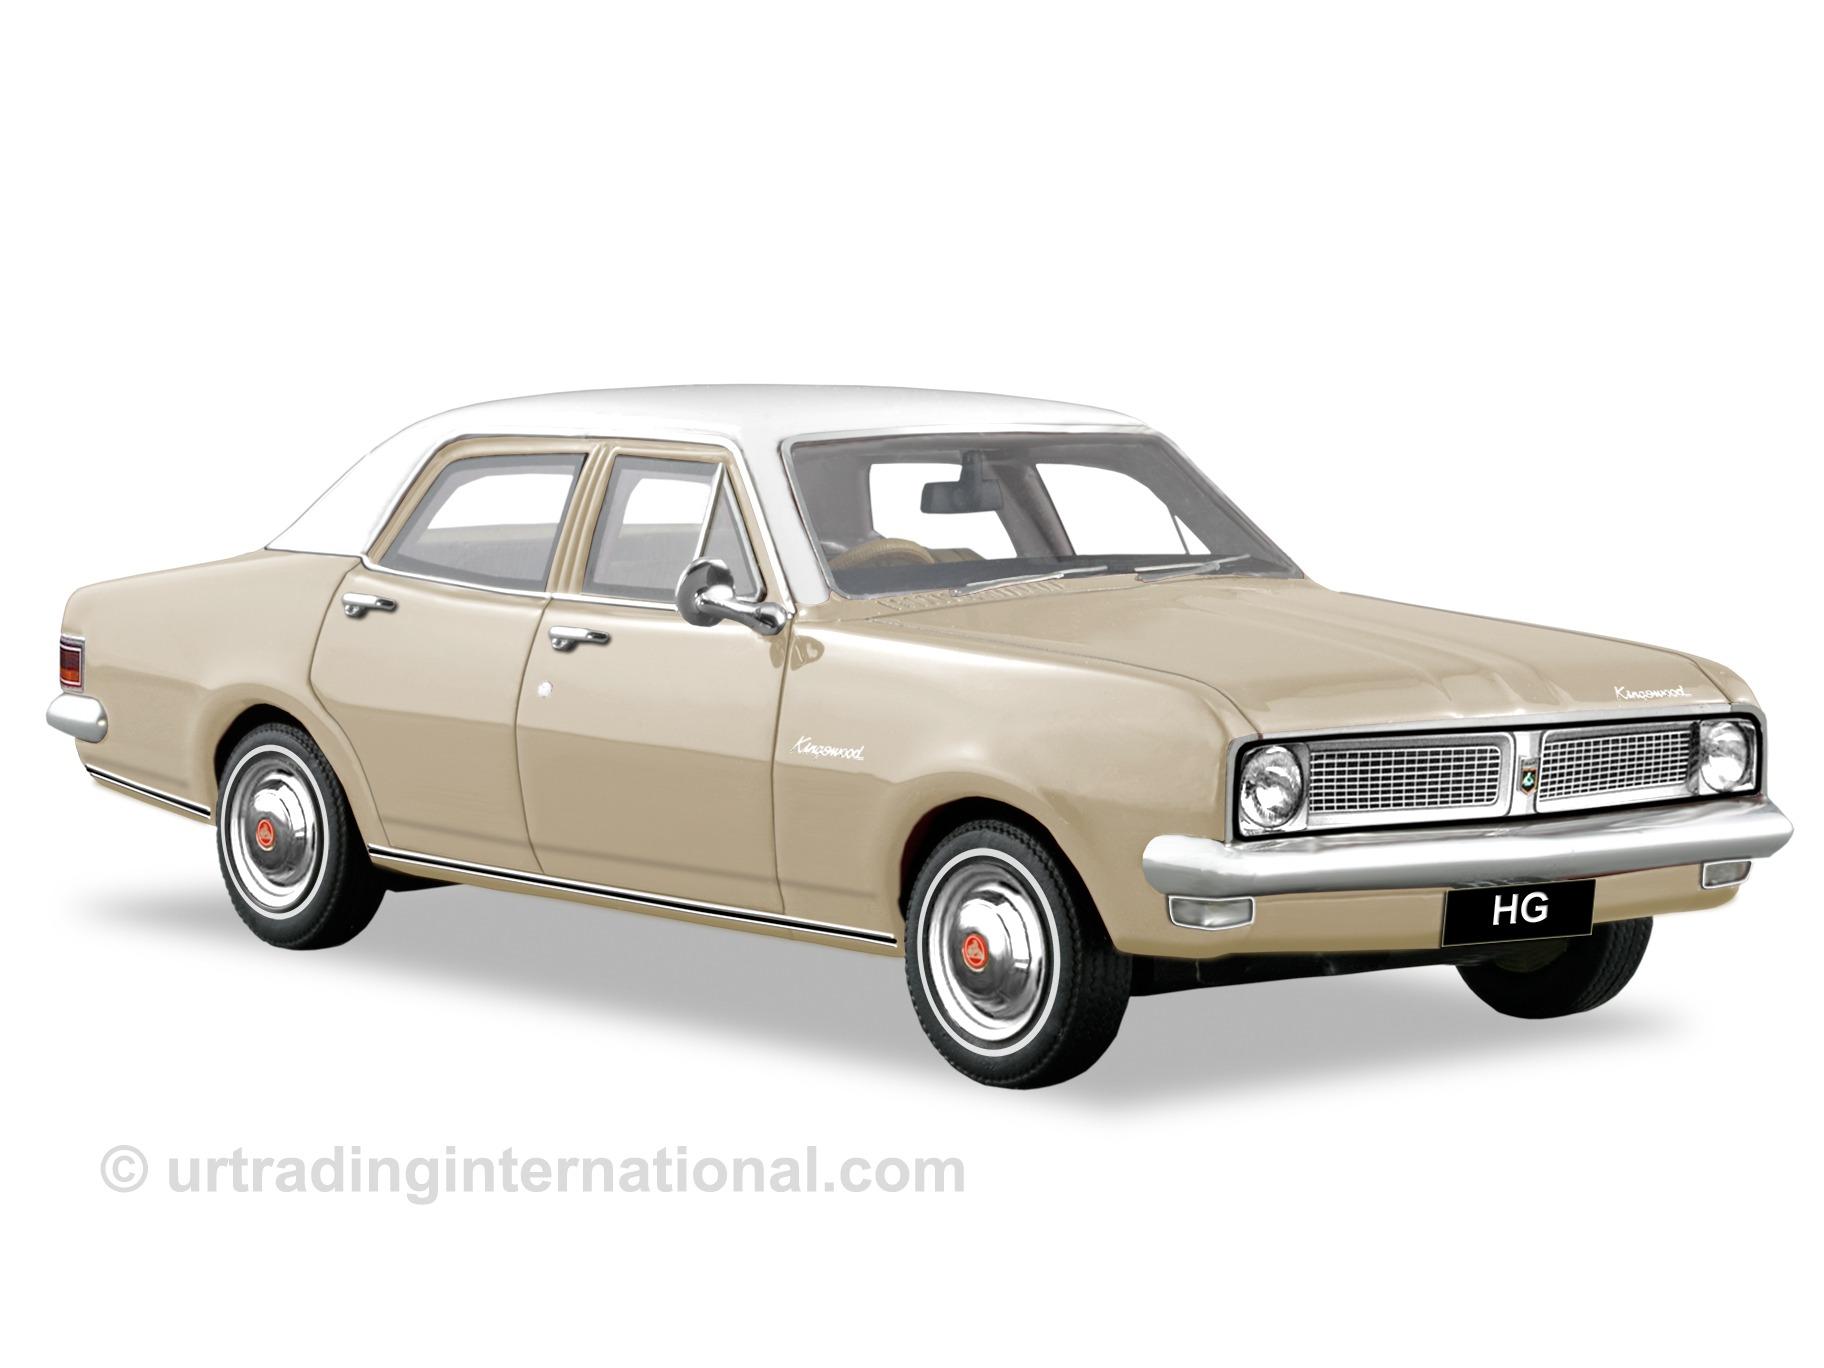 1970 HG Kingswood Sedan – Sundan Beige / Kashmir White Roof